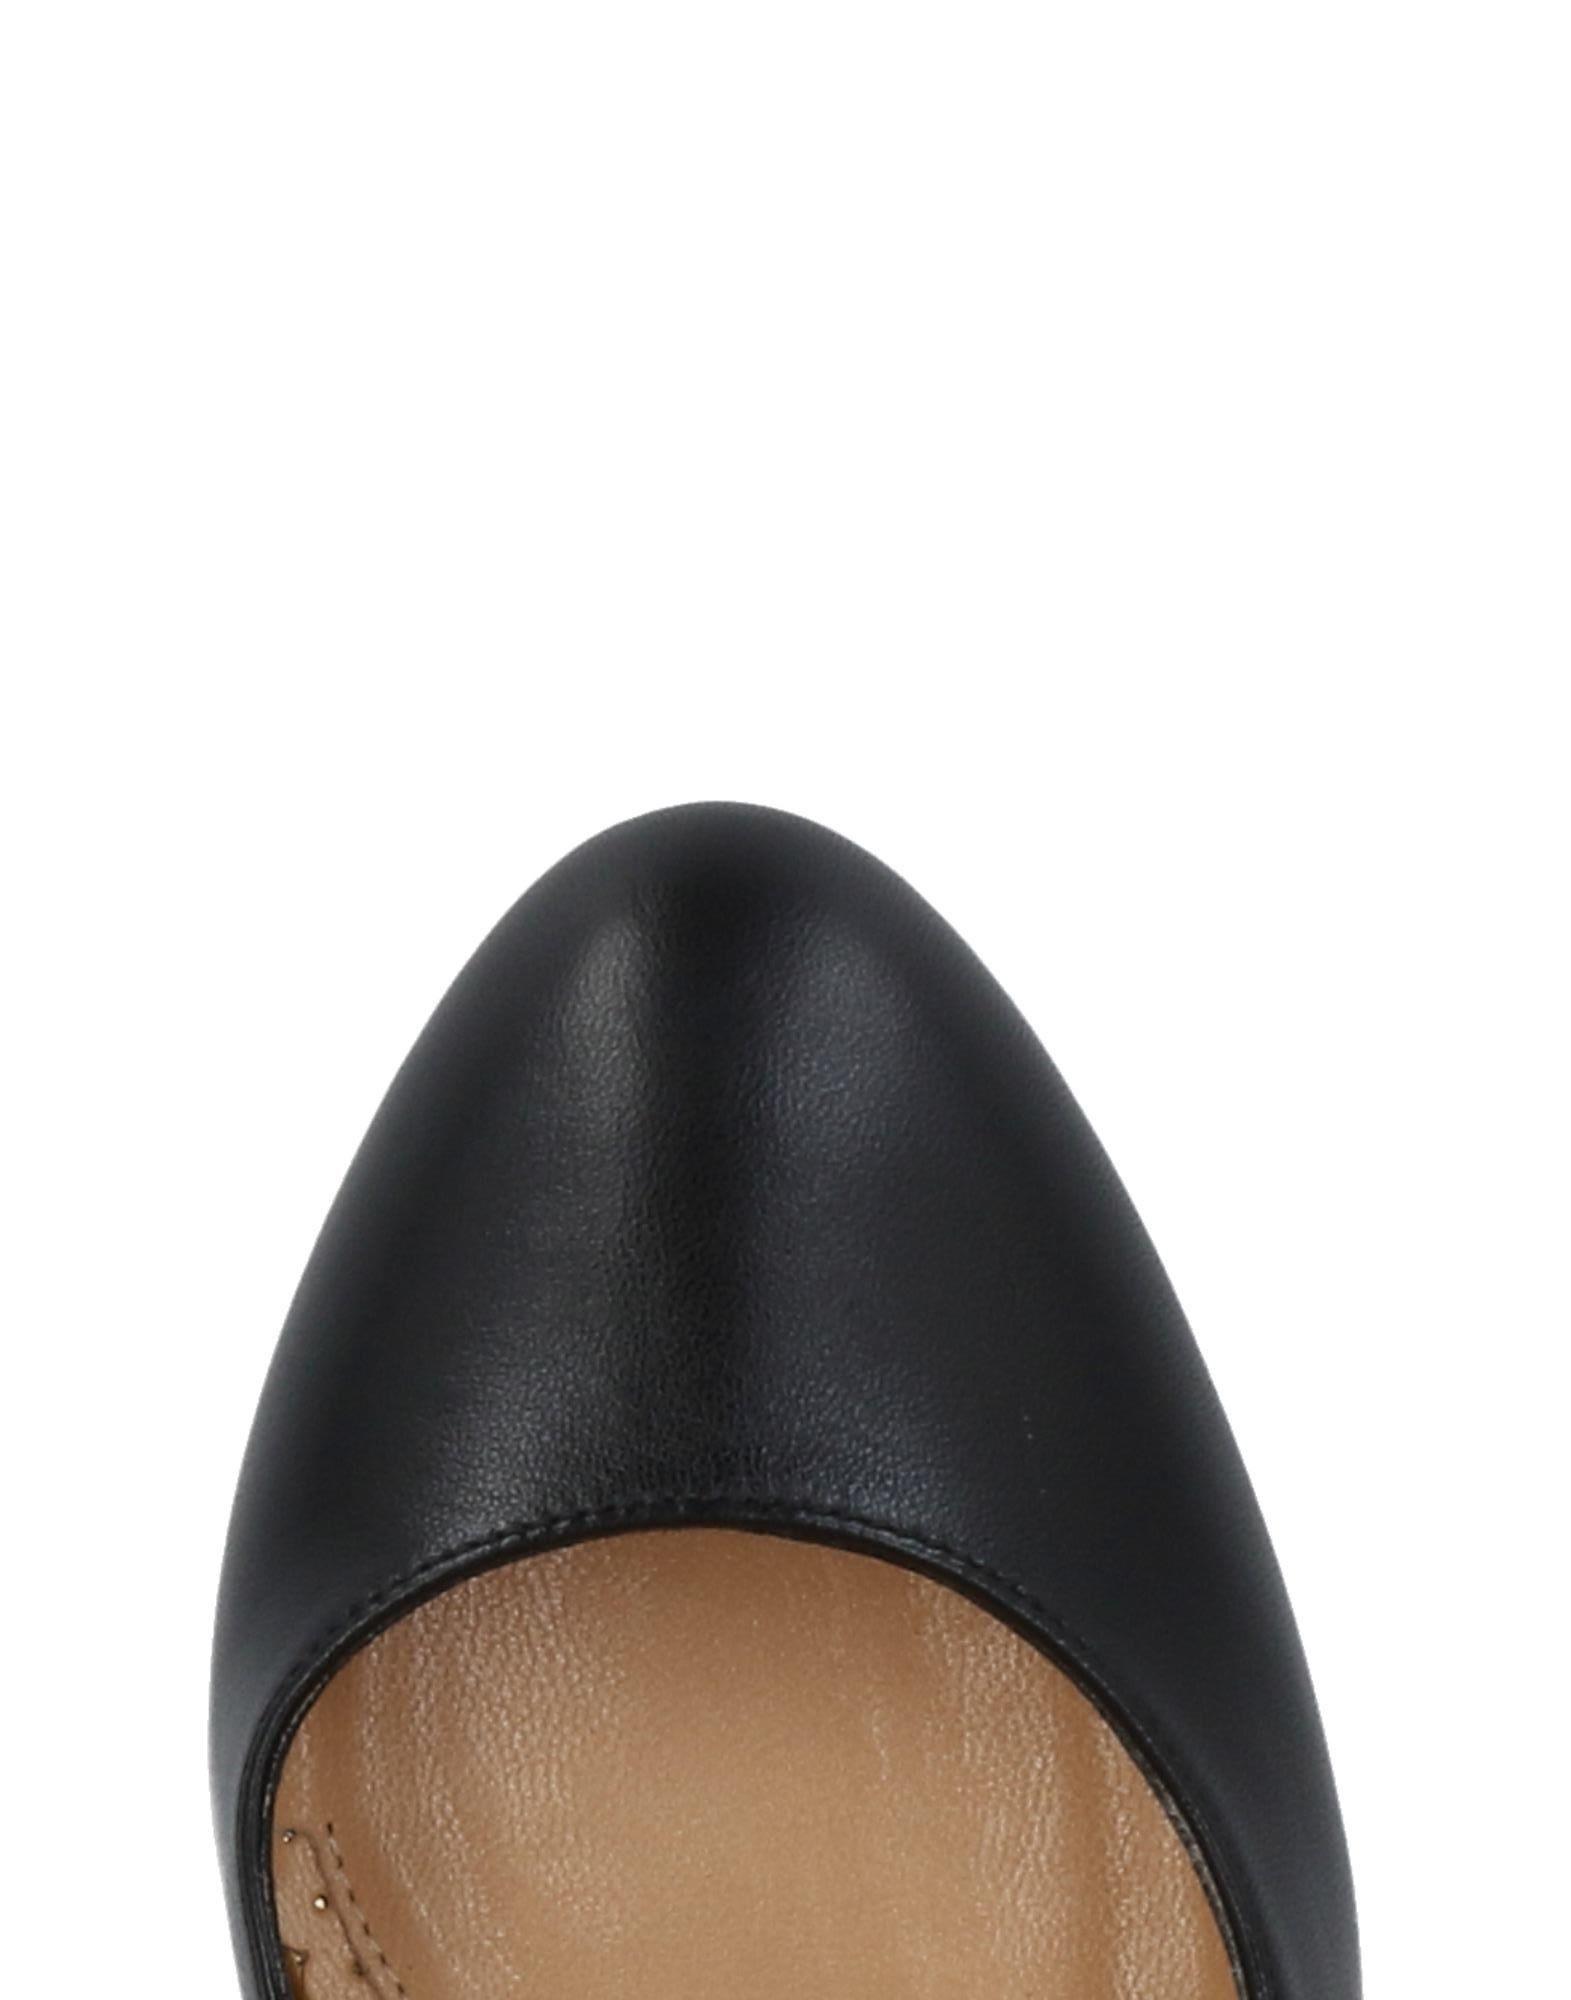 Rabatt Schuhe Pumps Charlotte Olympia Pumps Schuhe Damen  11487438XT 8e7a4c